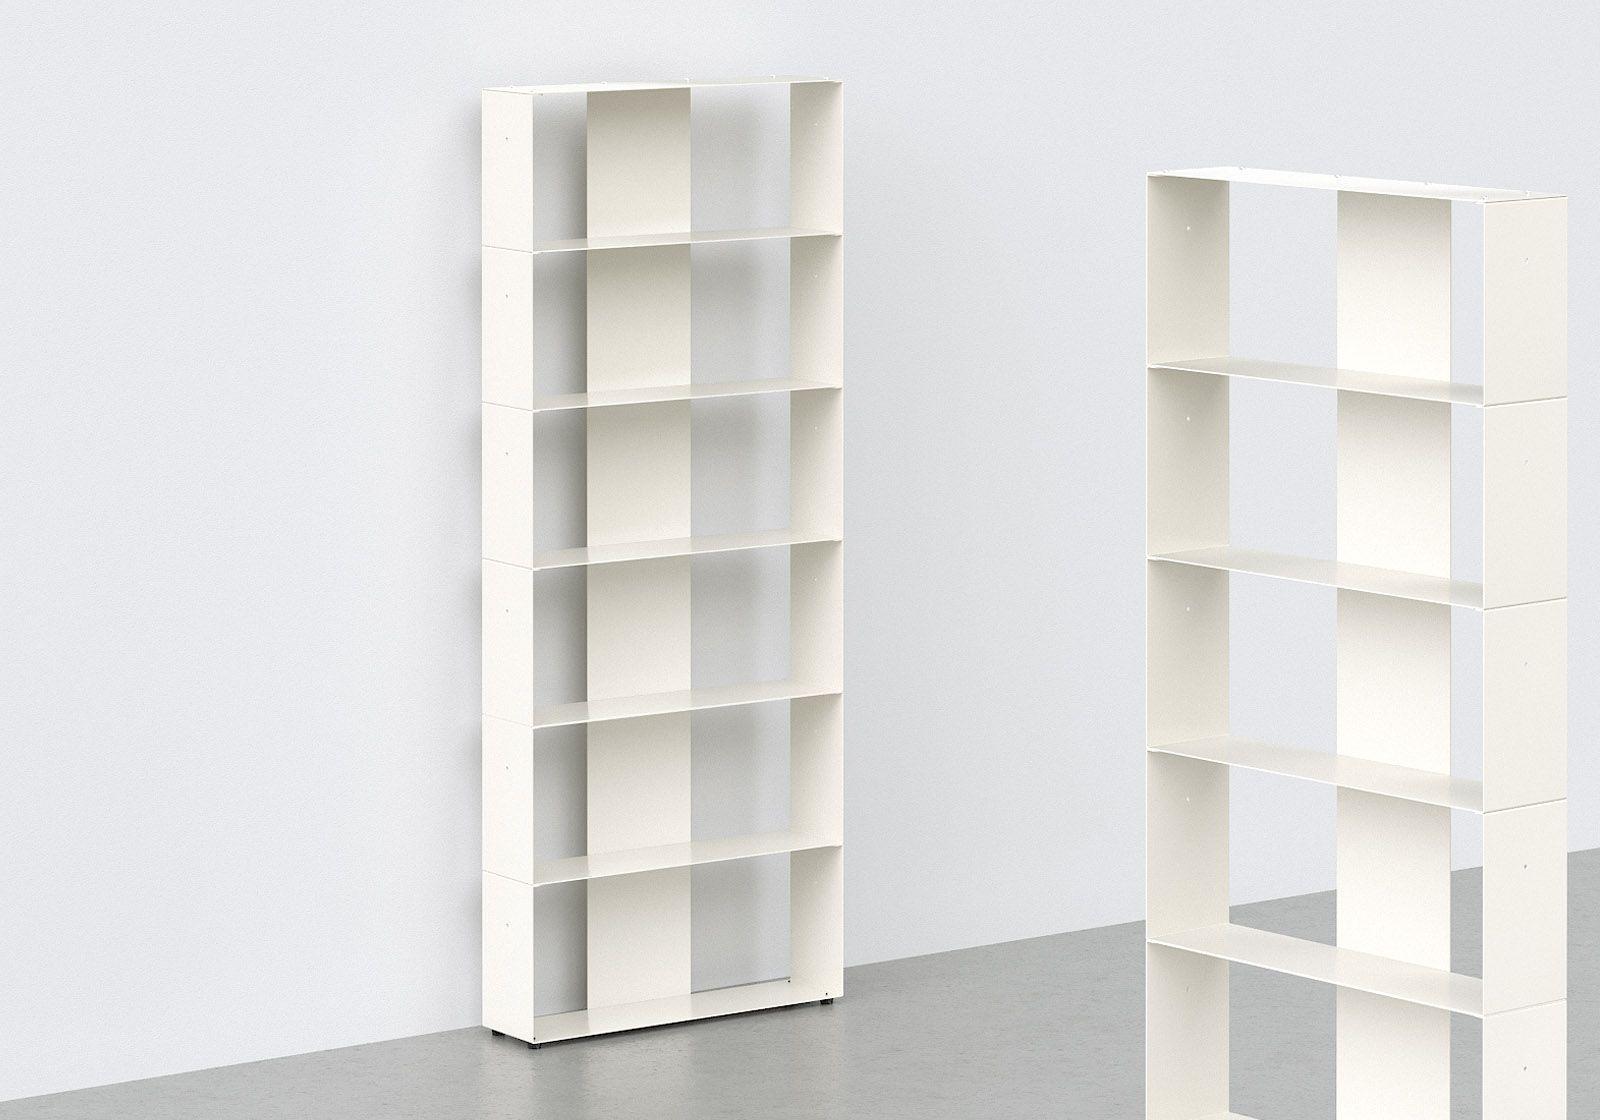 Libreria Profondità 15 Cm librerie moderne 60 cm - metallo bianco - 6 livelli